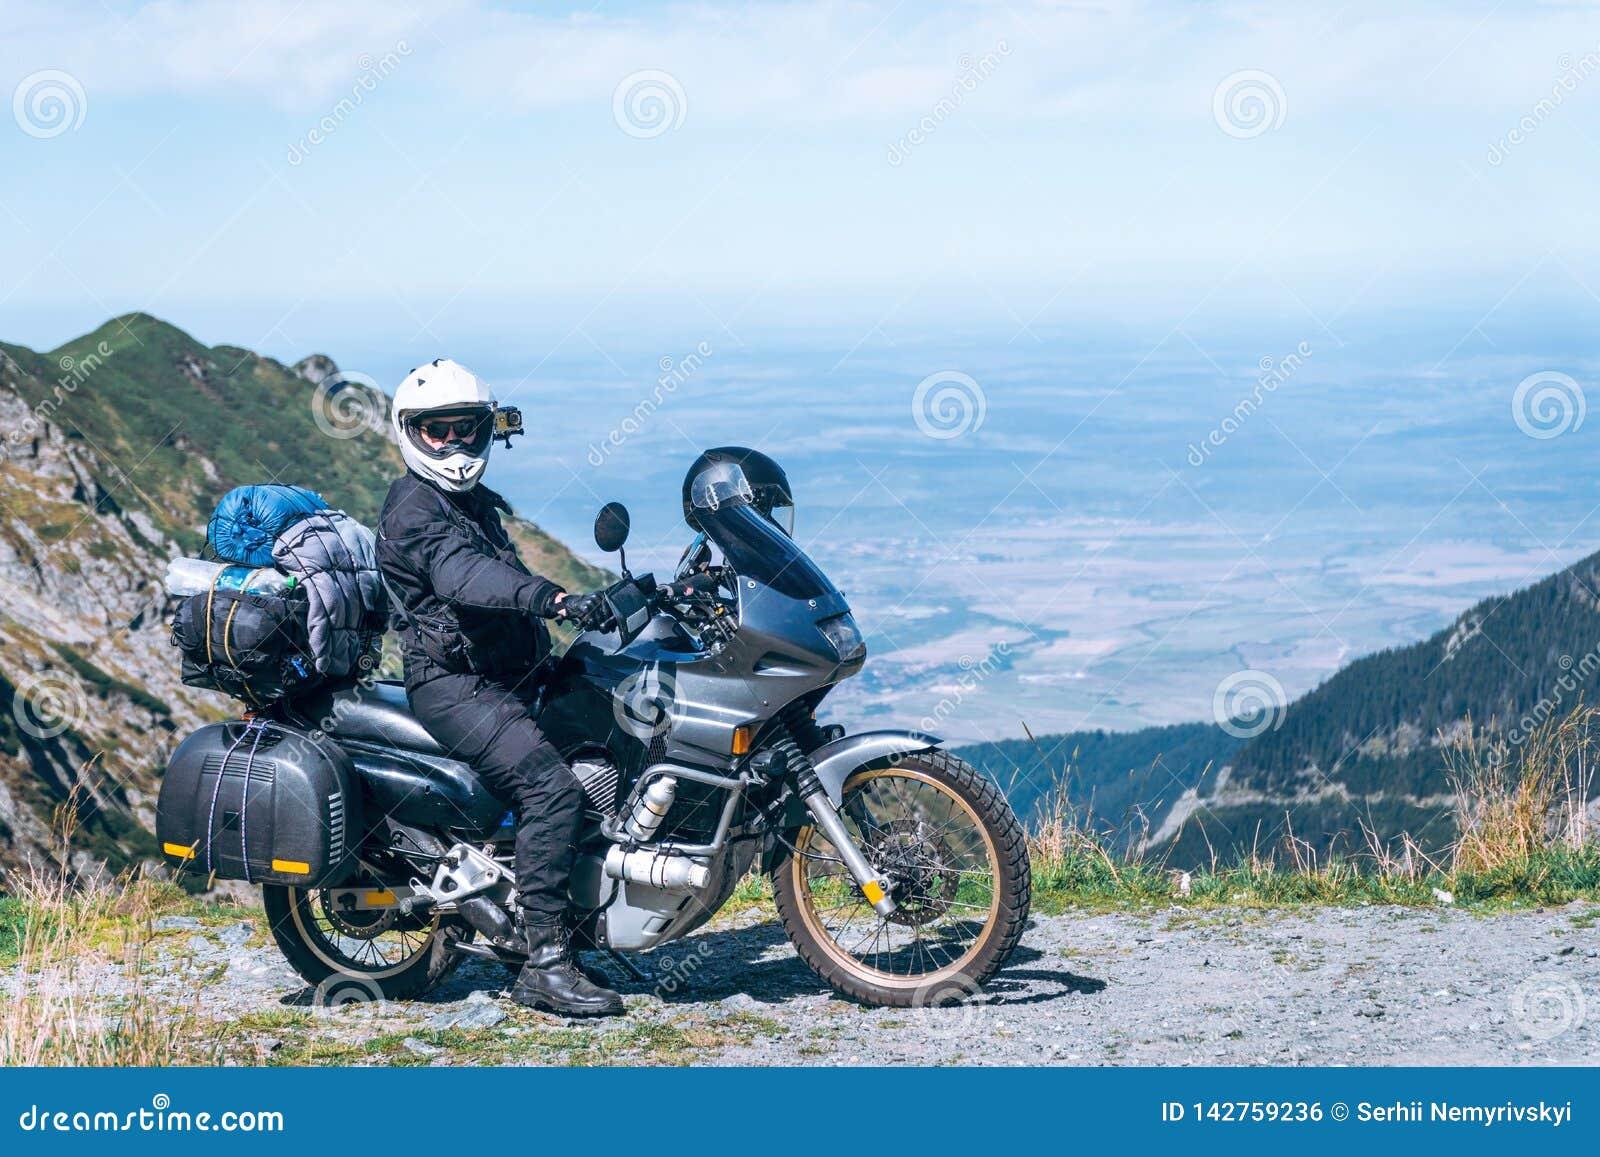 Rowerzysta siedzi na jego przygoda motocyklu odgórna góra w tle, enduro, z drogi, piękny widok, niebezpieczeństwo droga wewnątrz